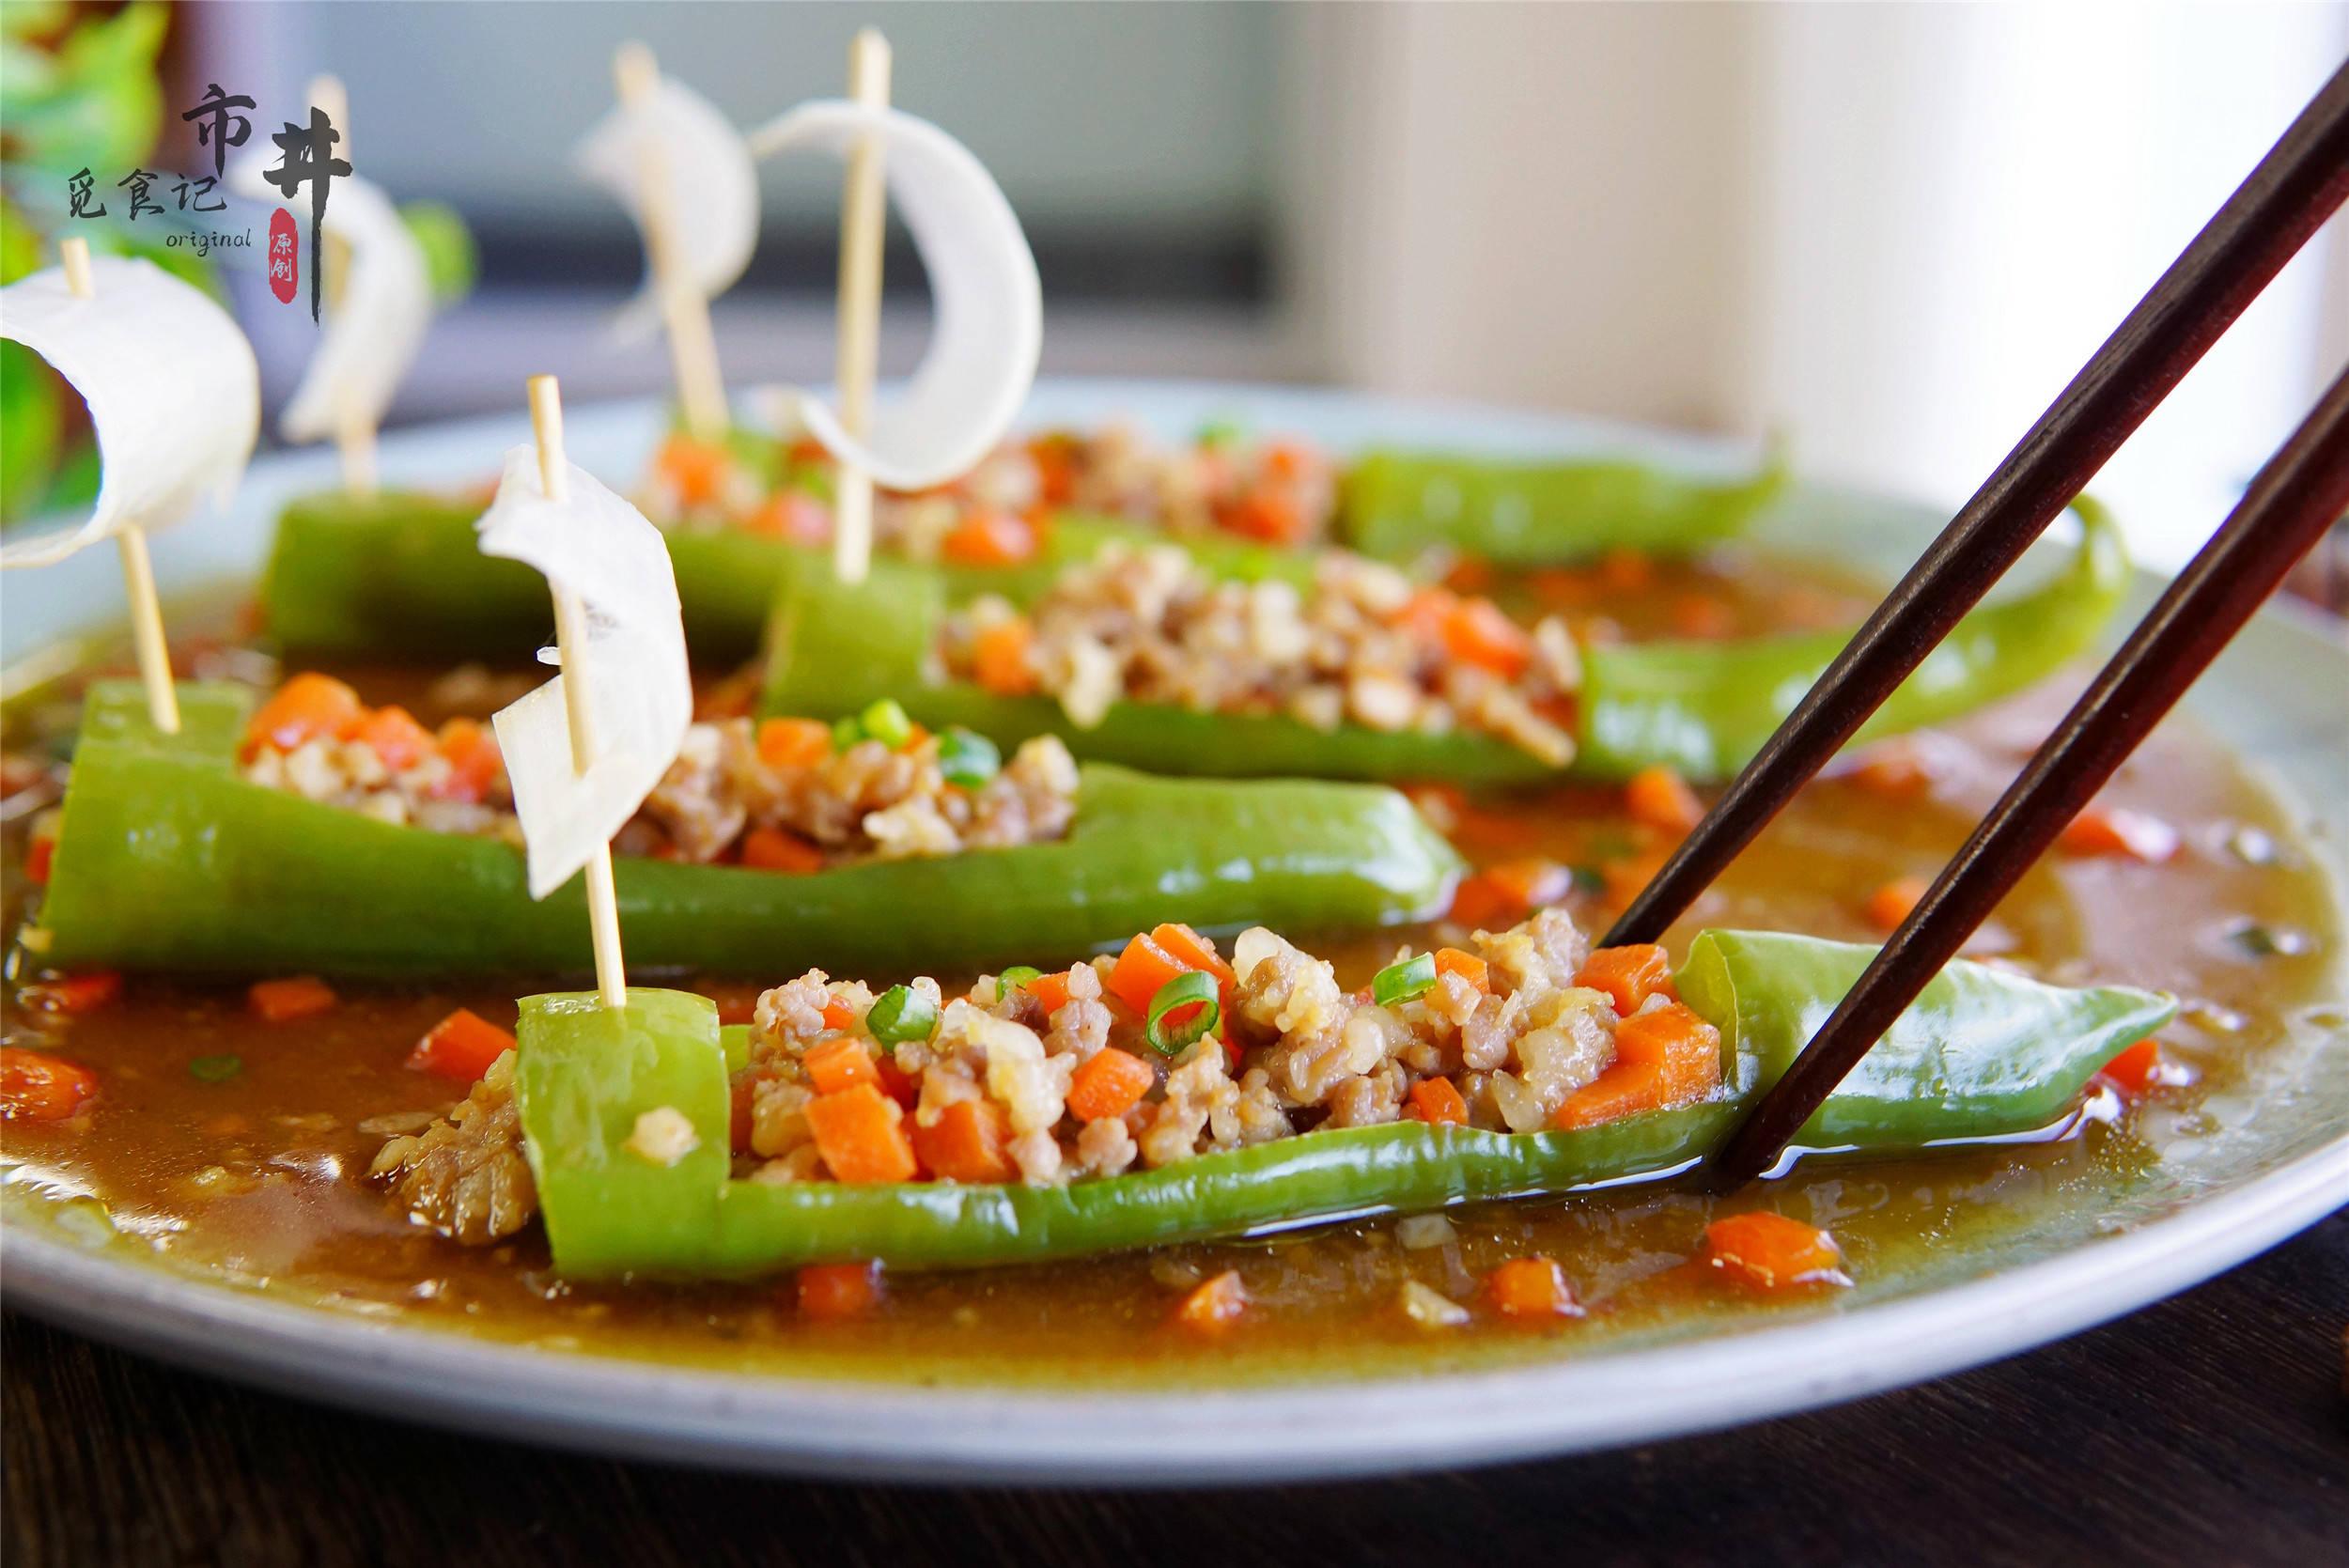 """年夜饭上加盘""""一帆风顺"""",几个青椒蒸一蒸,鲜香解馋,寓意好"""